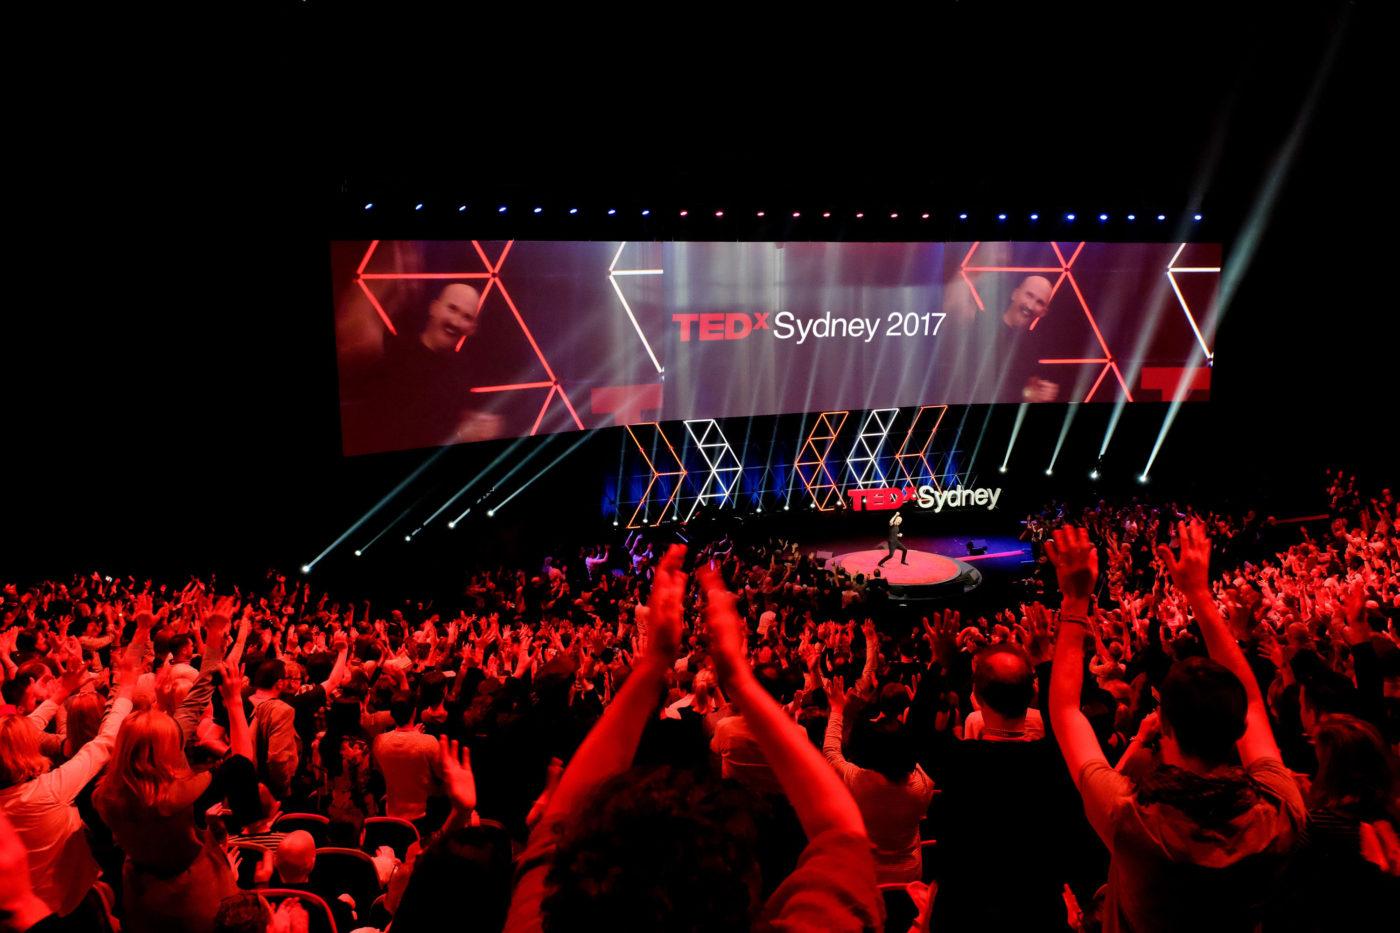 TEDx Sydney 2017